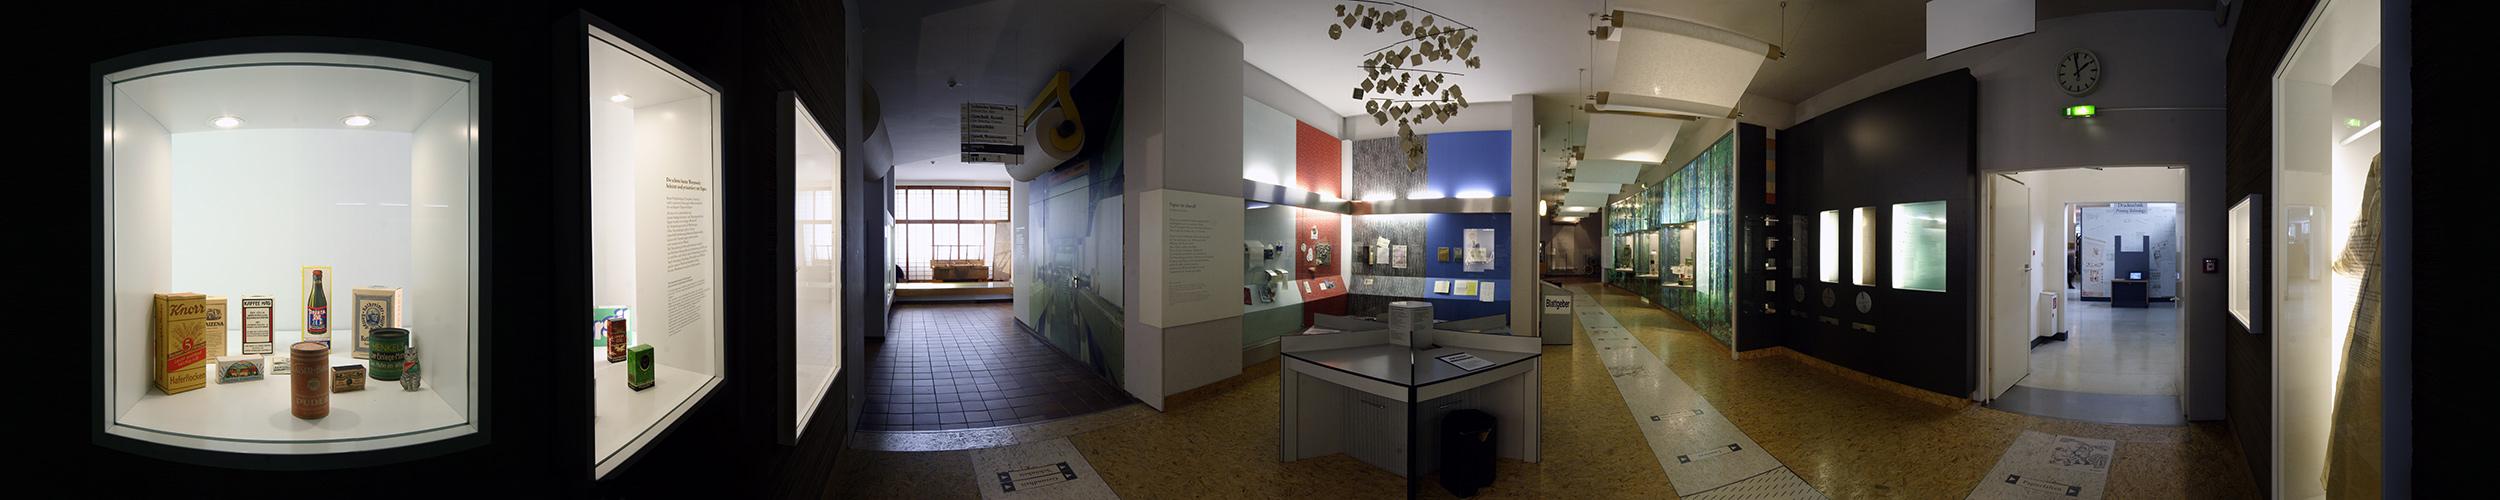 Deutsches Museum München - Papierverarbeitung